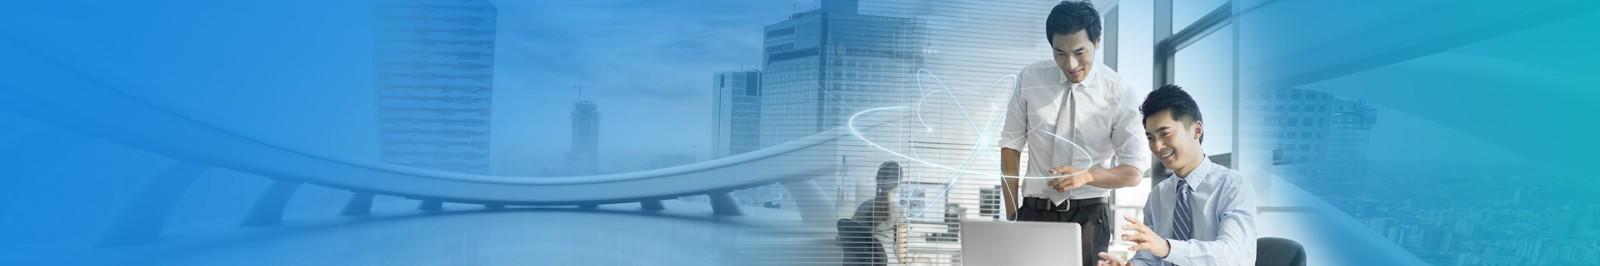 企业办公综合出口解决方案